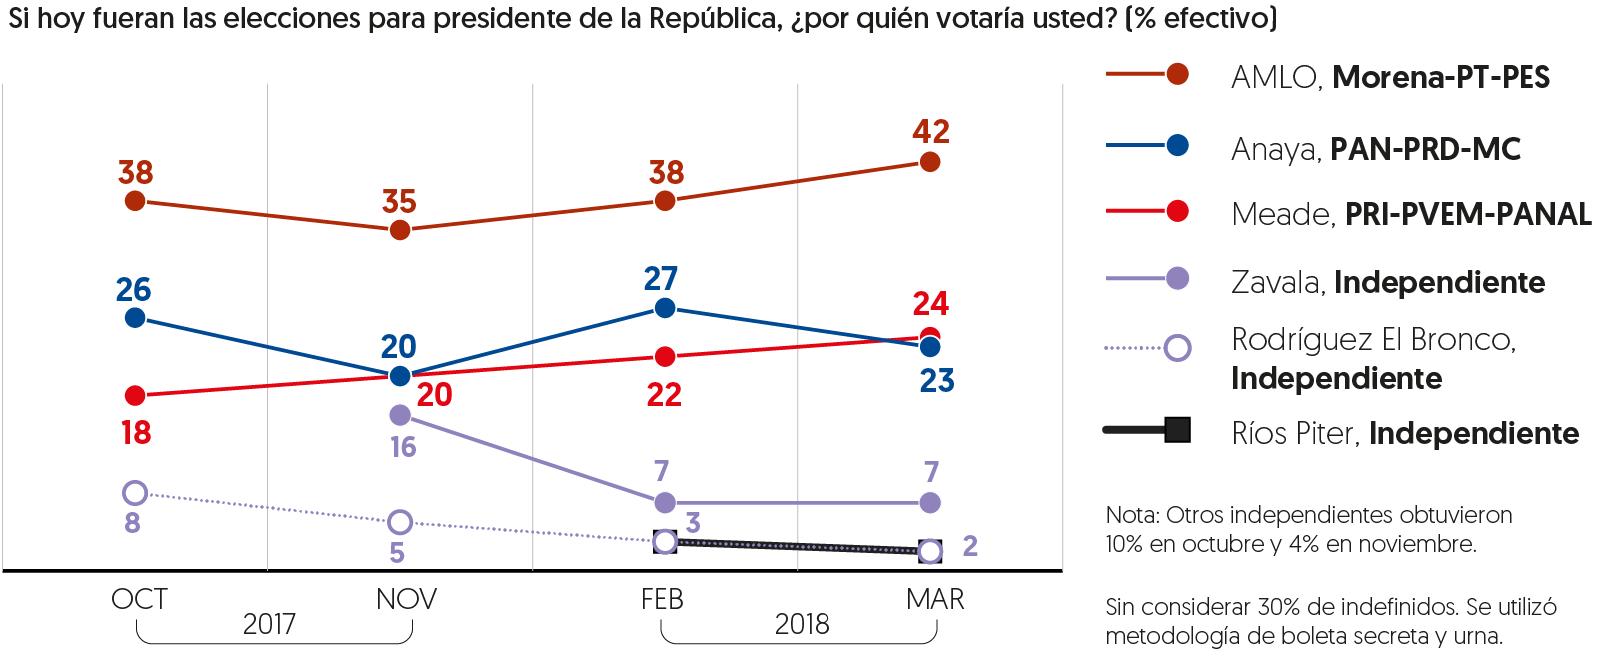 Encuesta presidencial marzo 2018/ El Financiero